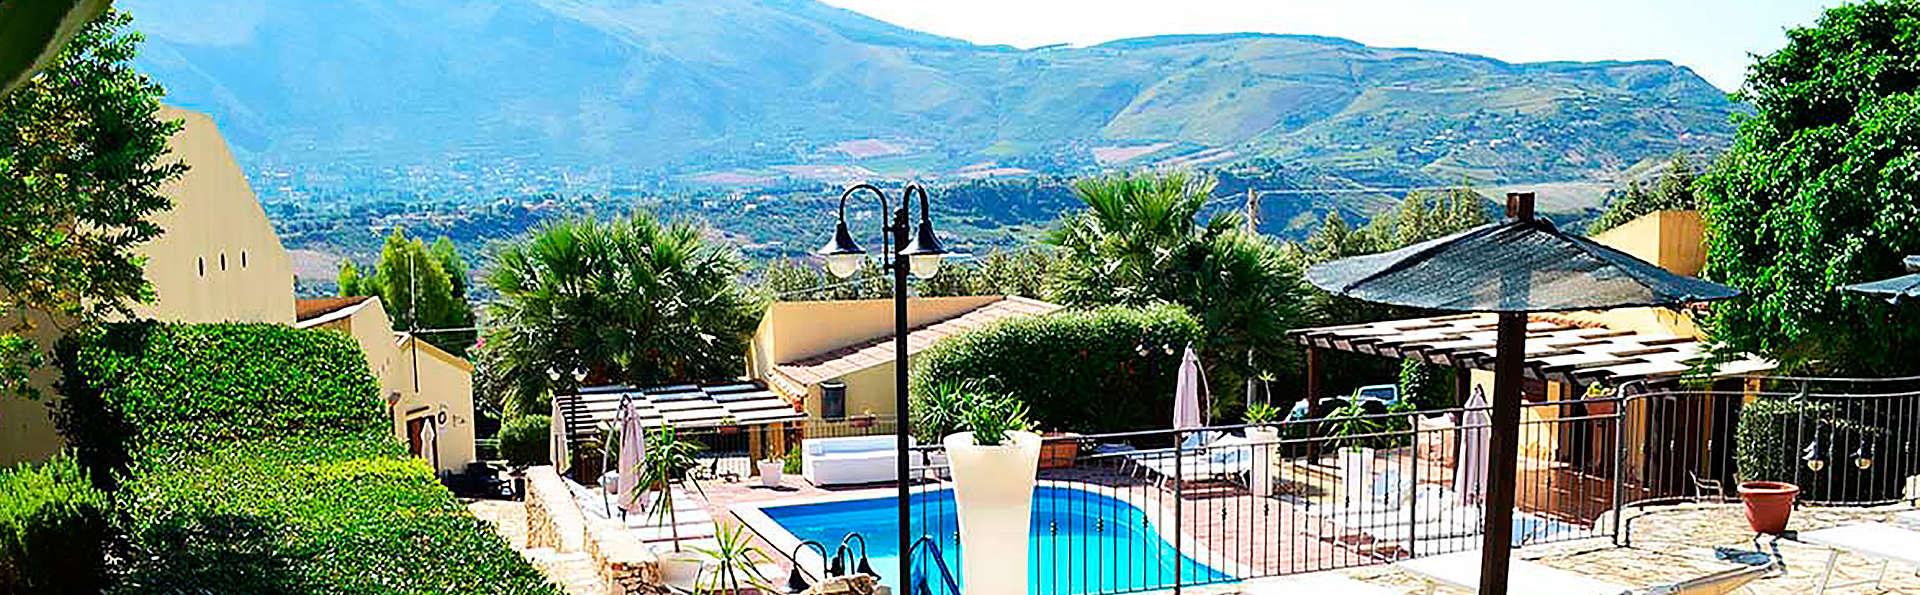 Hotel Grotticelli - edit_garden1.jpg